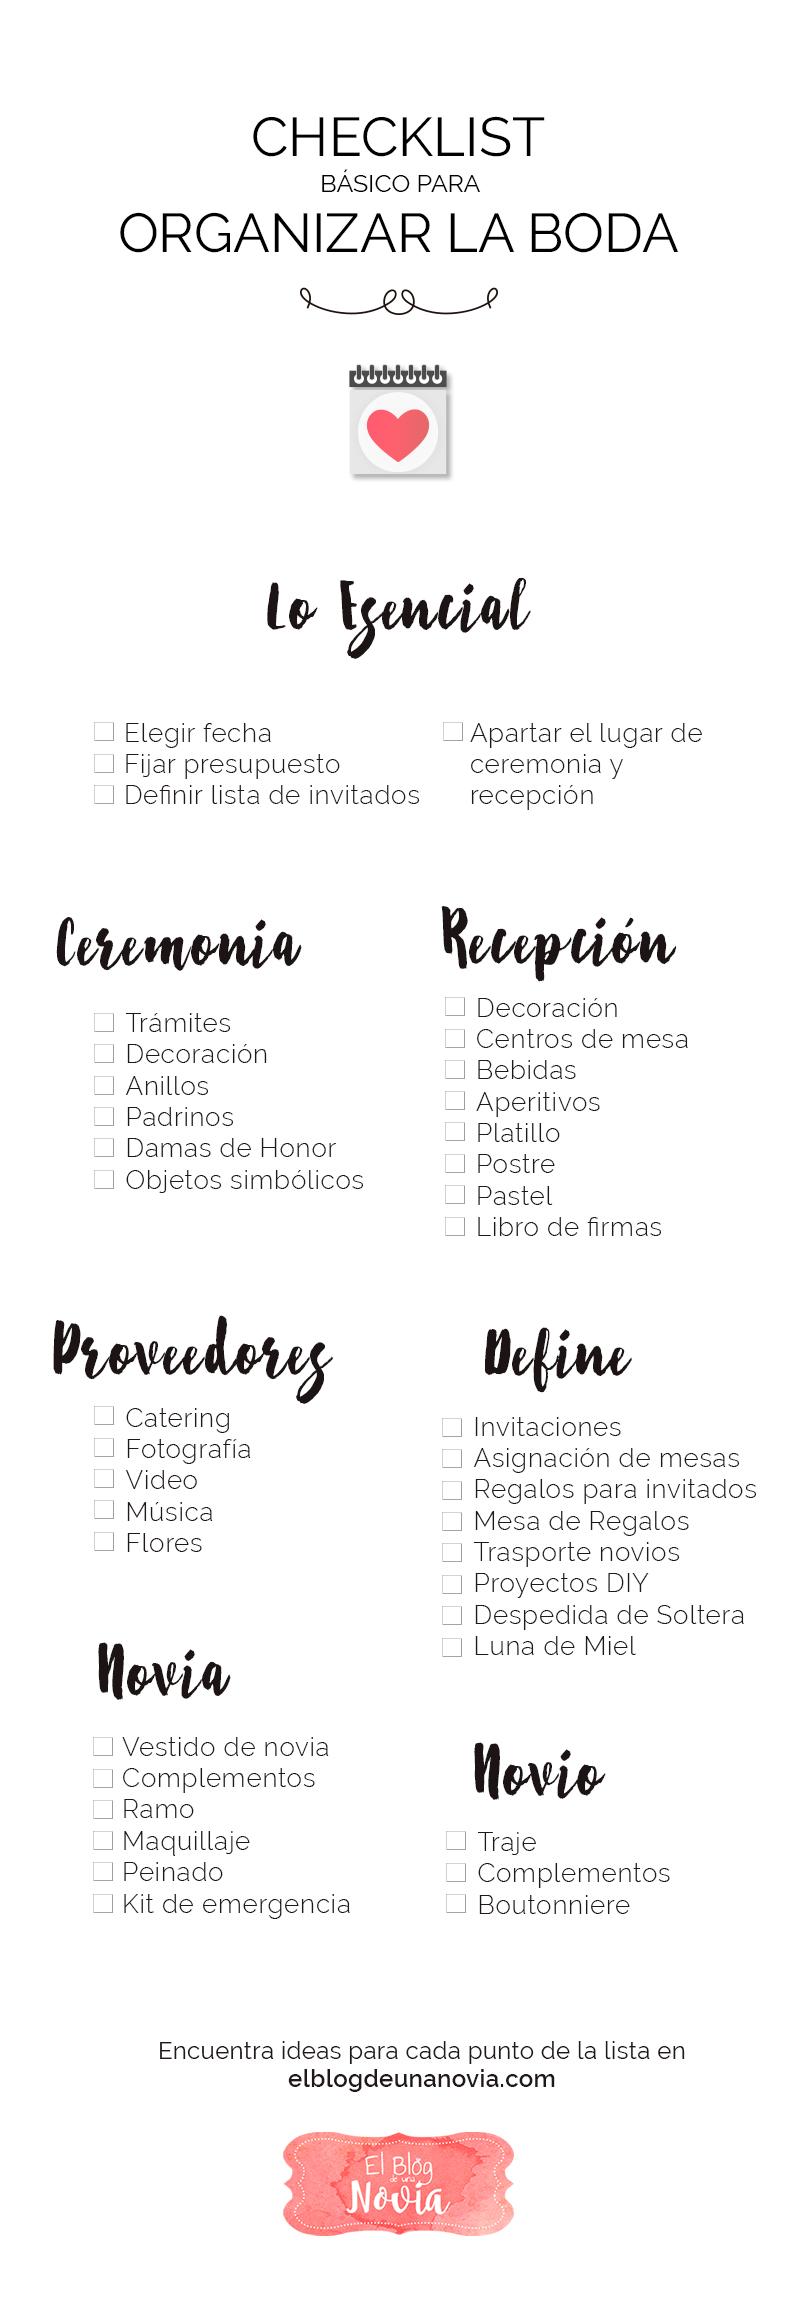 Checklist para Organizar la Boda